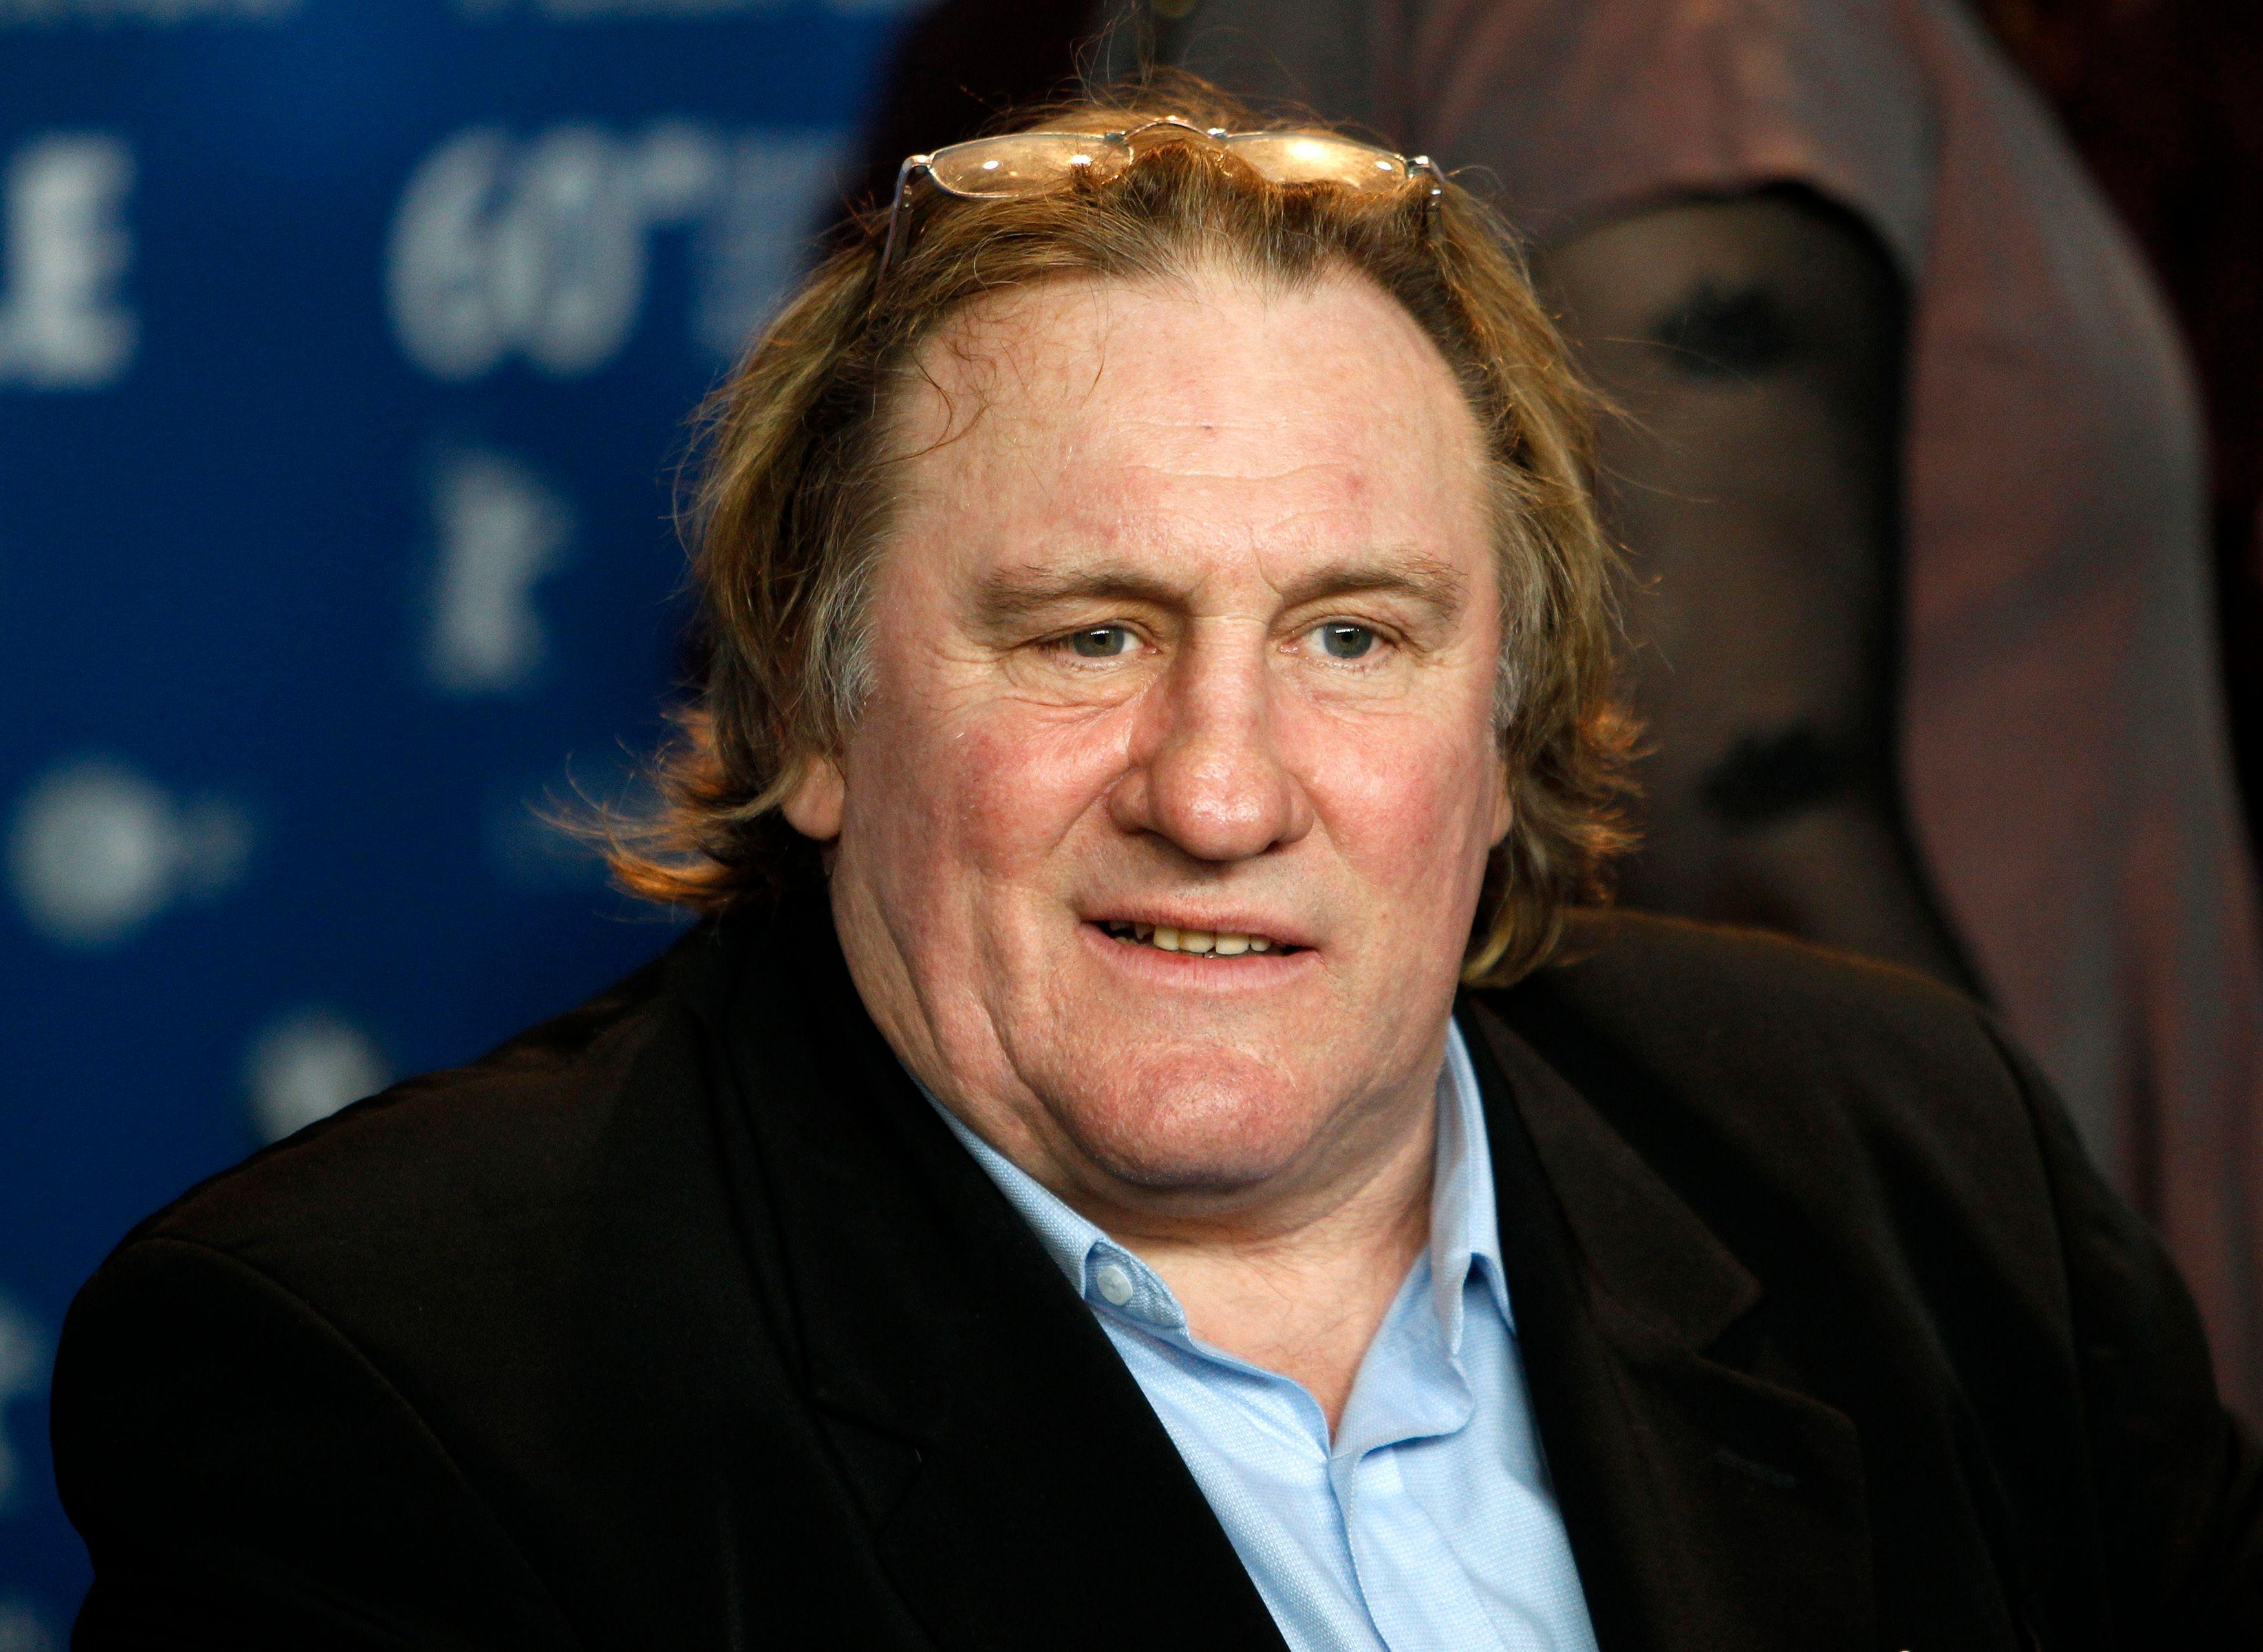 L'an dernier l'acteur avait uriné dans la cabine d'un vol Paris-Dublin.